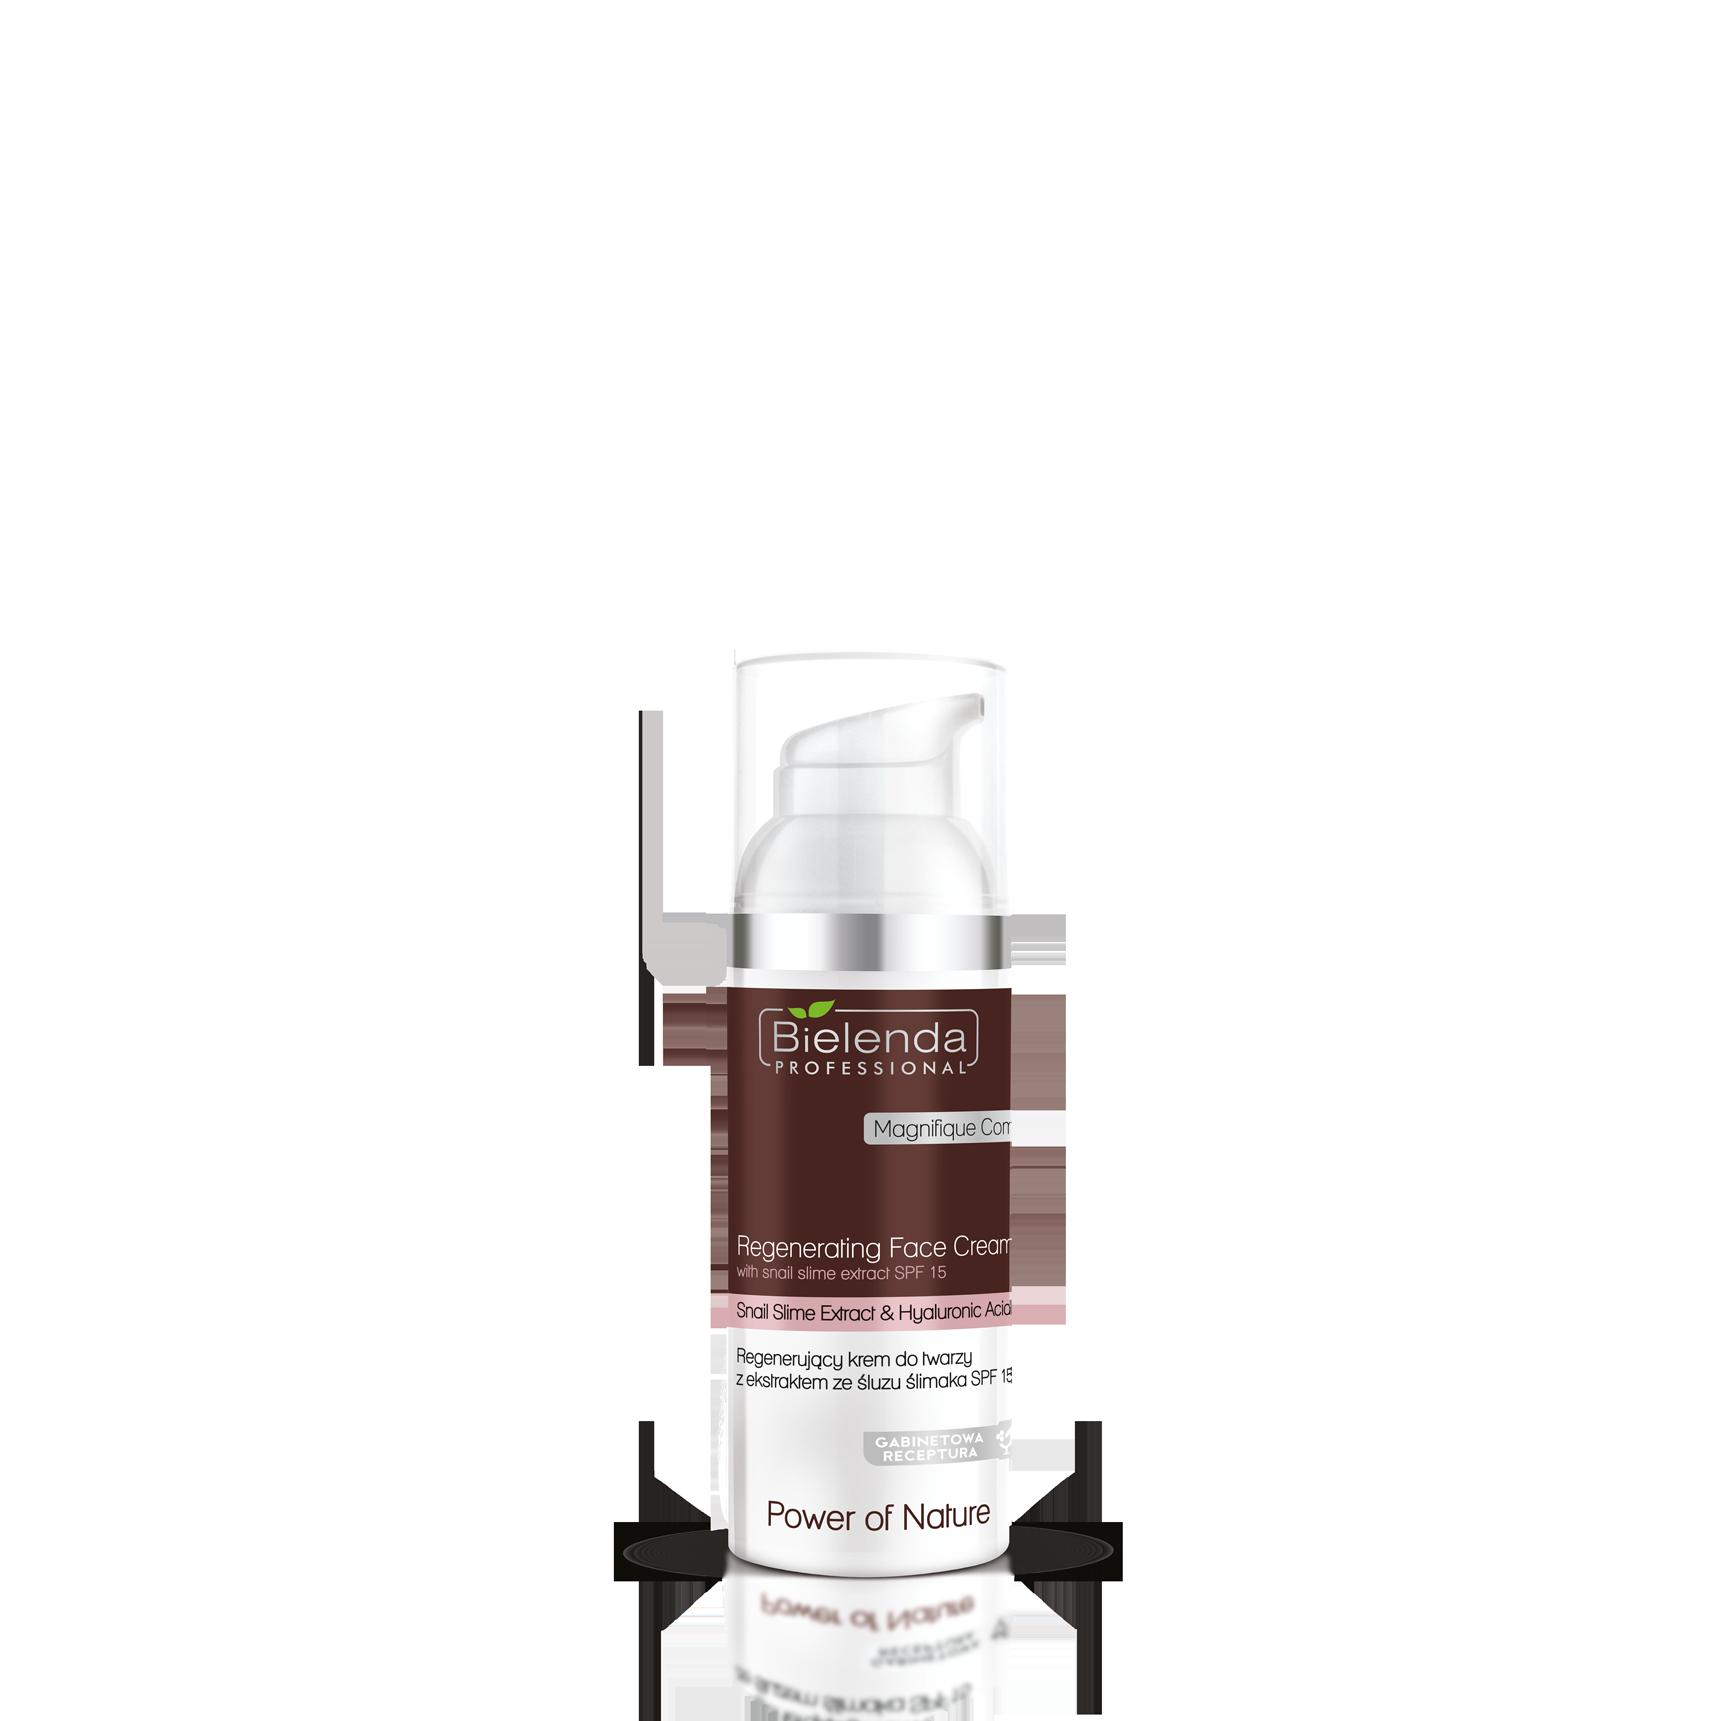 Power of Nature  регенерирующий крем для лица с экстрактом муцина улитки  SPF 15, 100 мл.